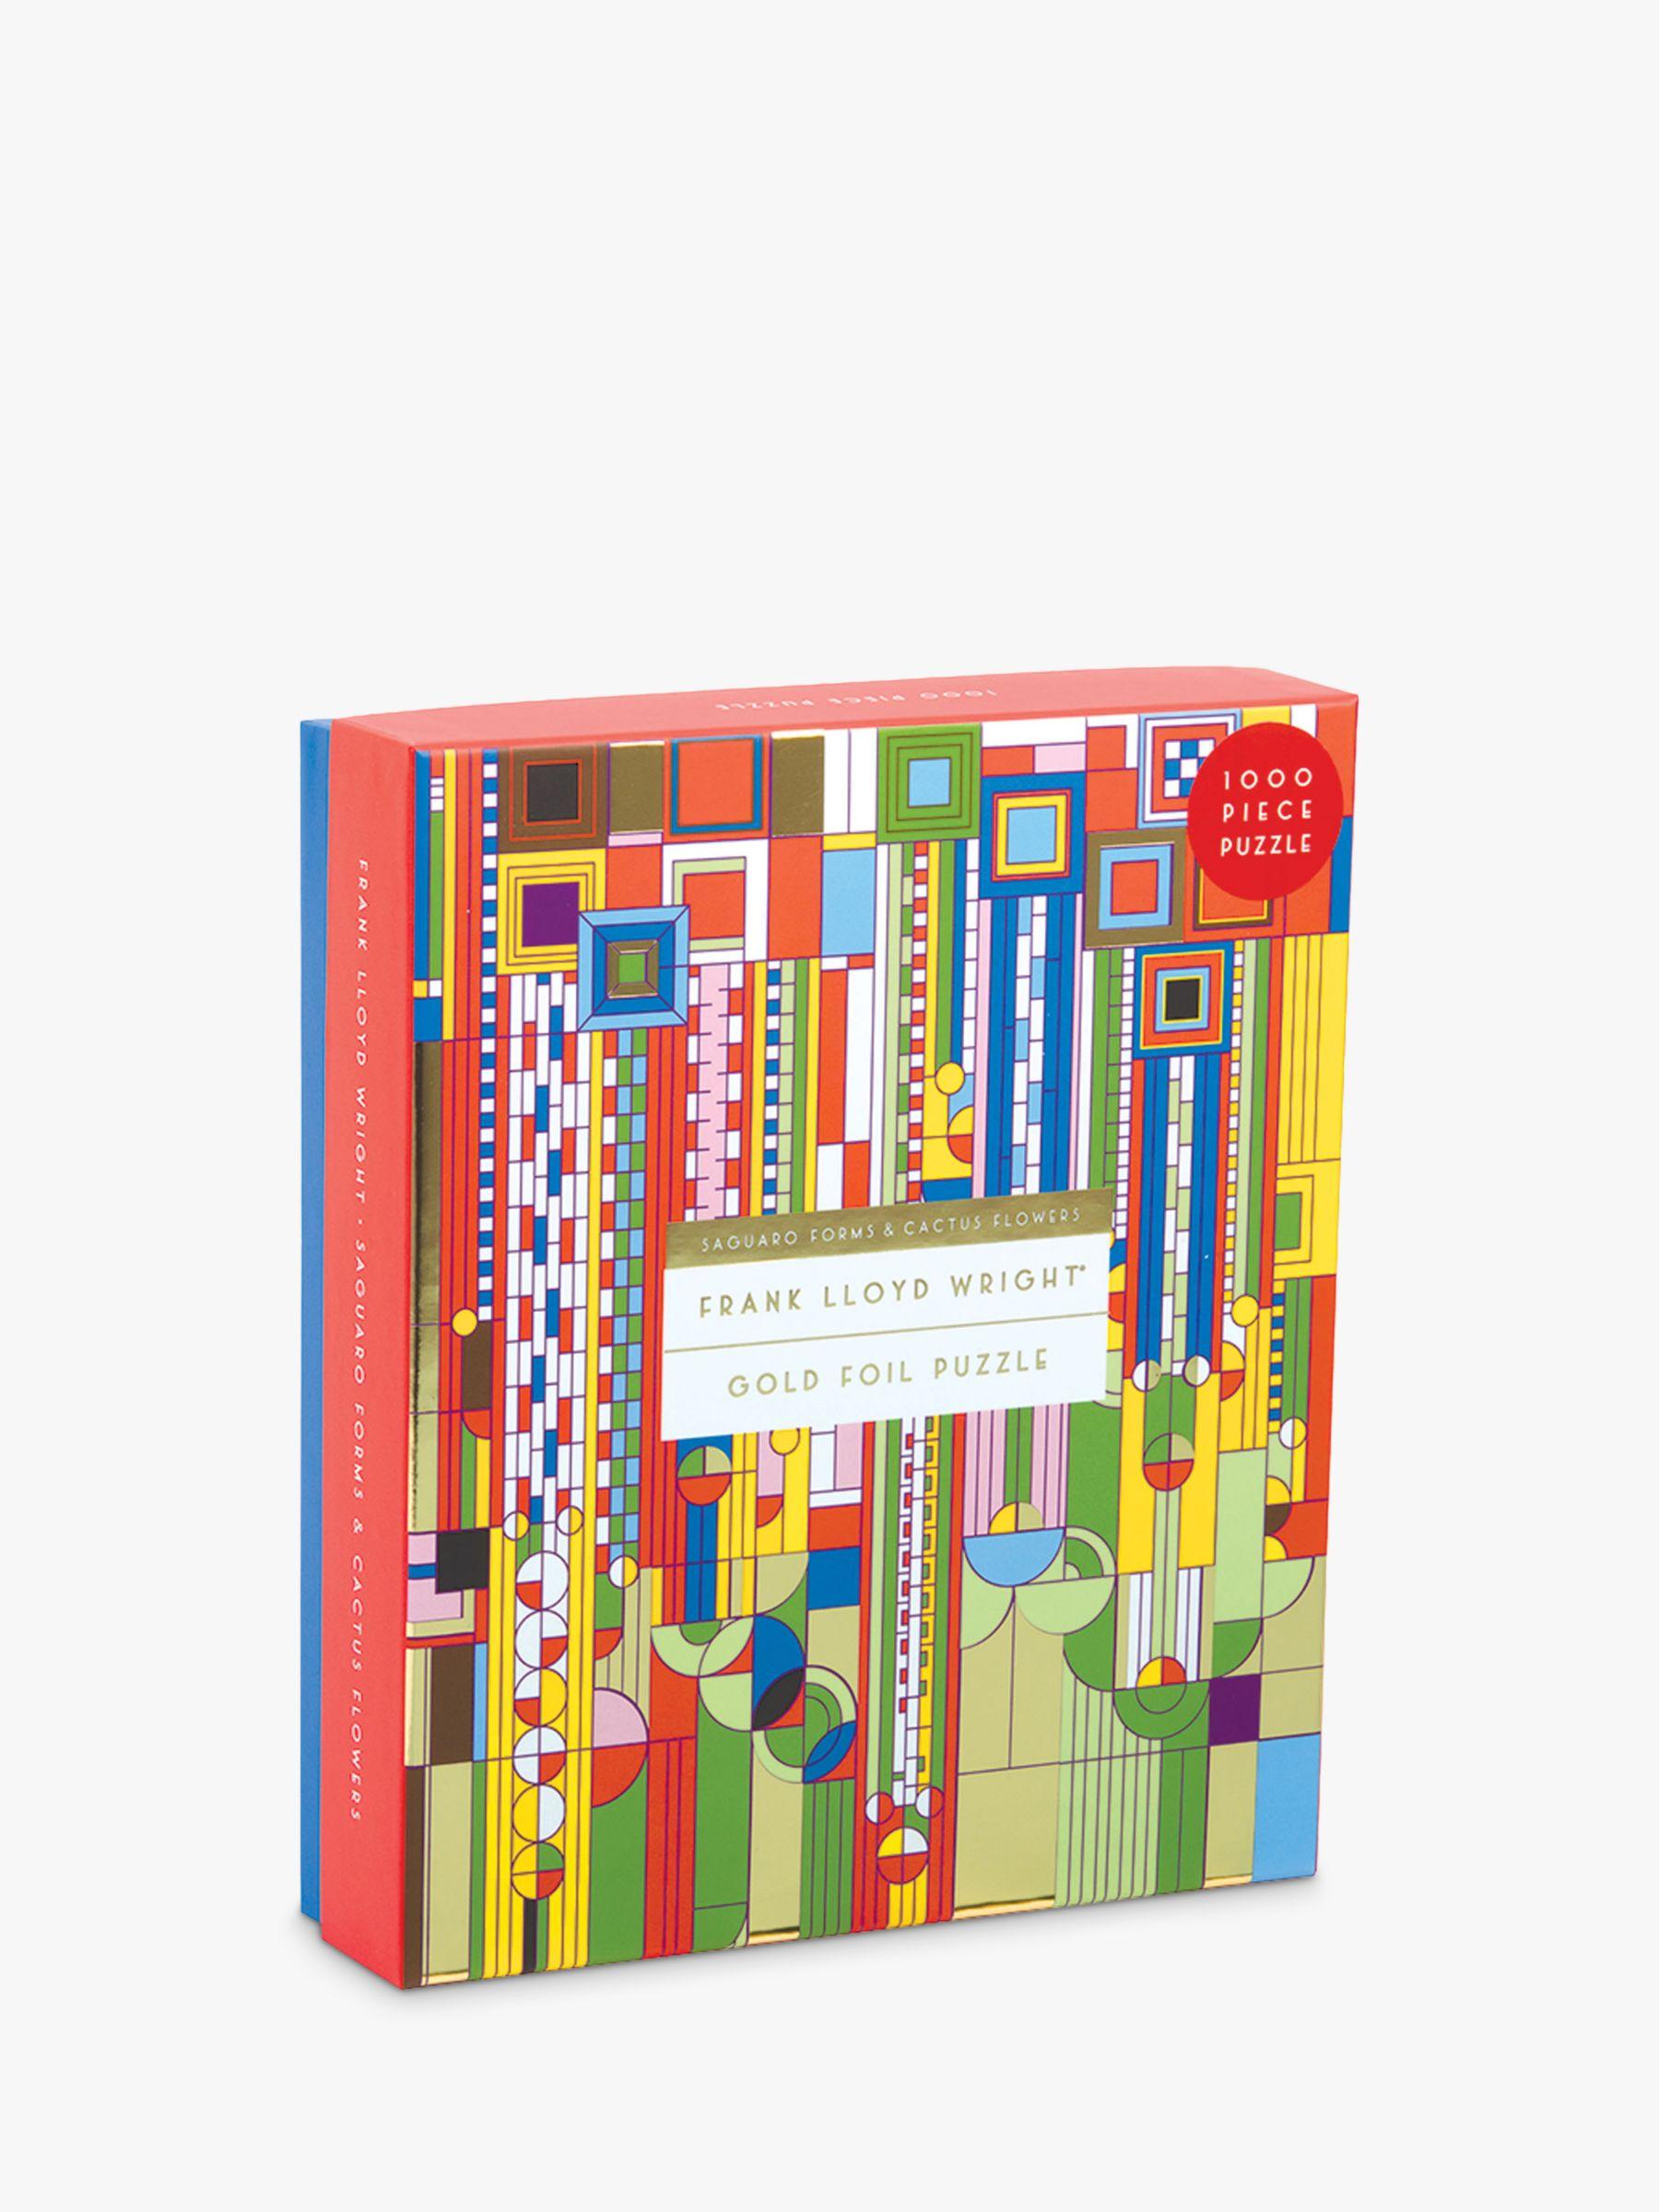 Galison Galison Frank LLoyd Wright Jigsaw Puzzle, 1000 Pieces